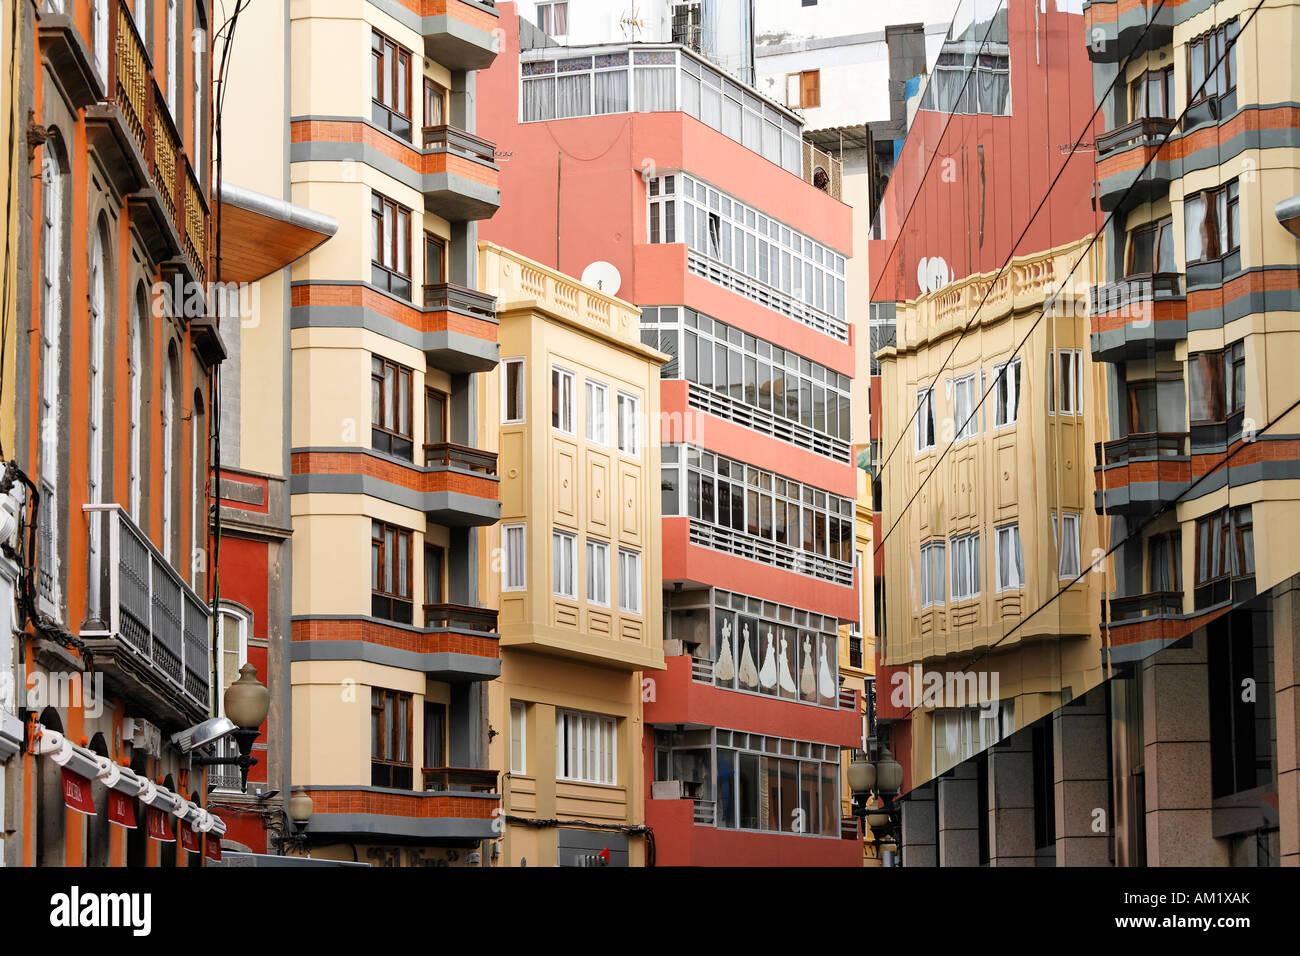 Calle Mayor de Triana, Las Palmas de Gran Canaria, Spain - Stock Image